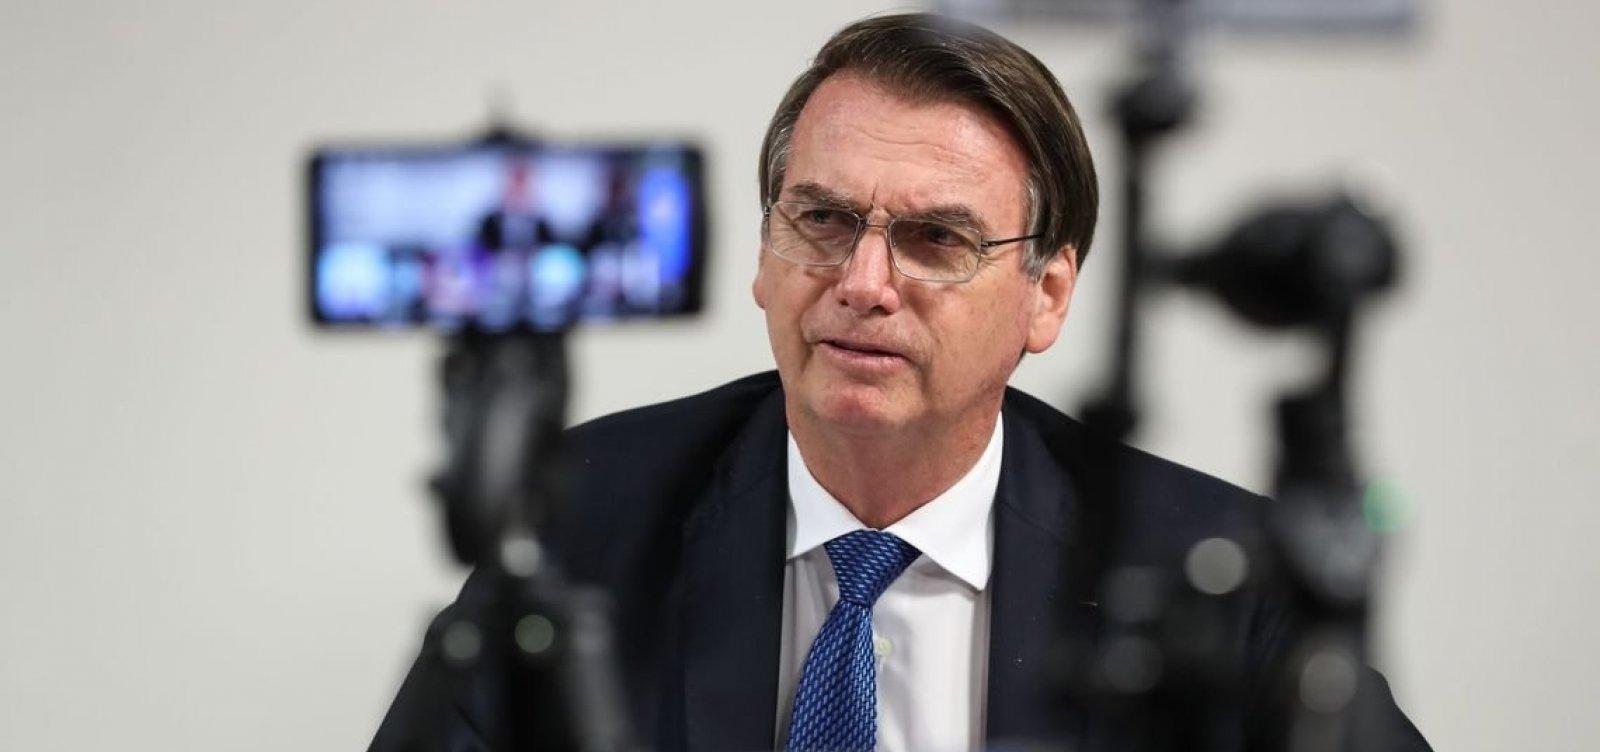 [Se for inconstitucional, decreto do porte de armas 'tem que deixar de existir', diz Bolsonaro]